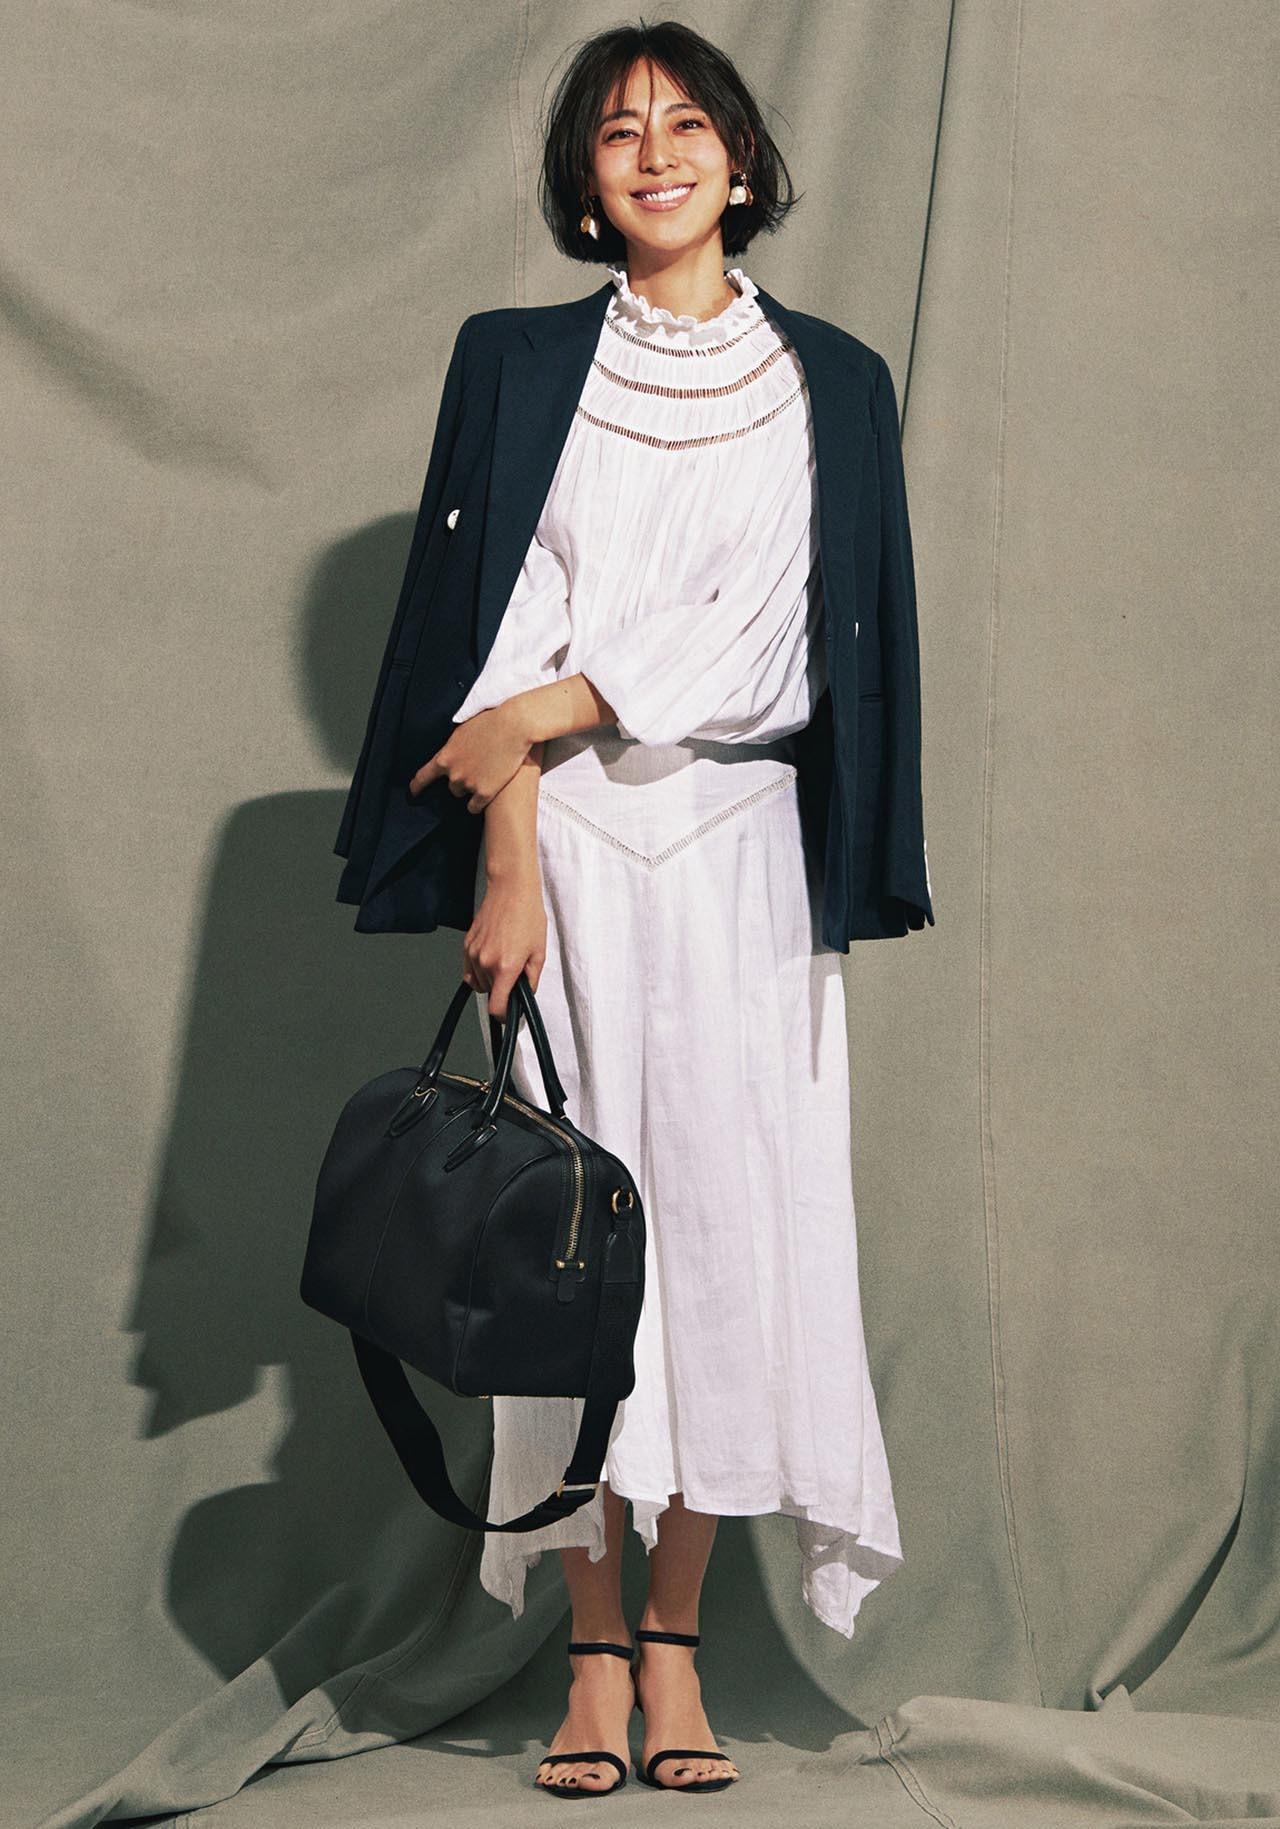 ジャケット×白のリネンワンピースコーデを着たモデルの小泉里子さん